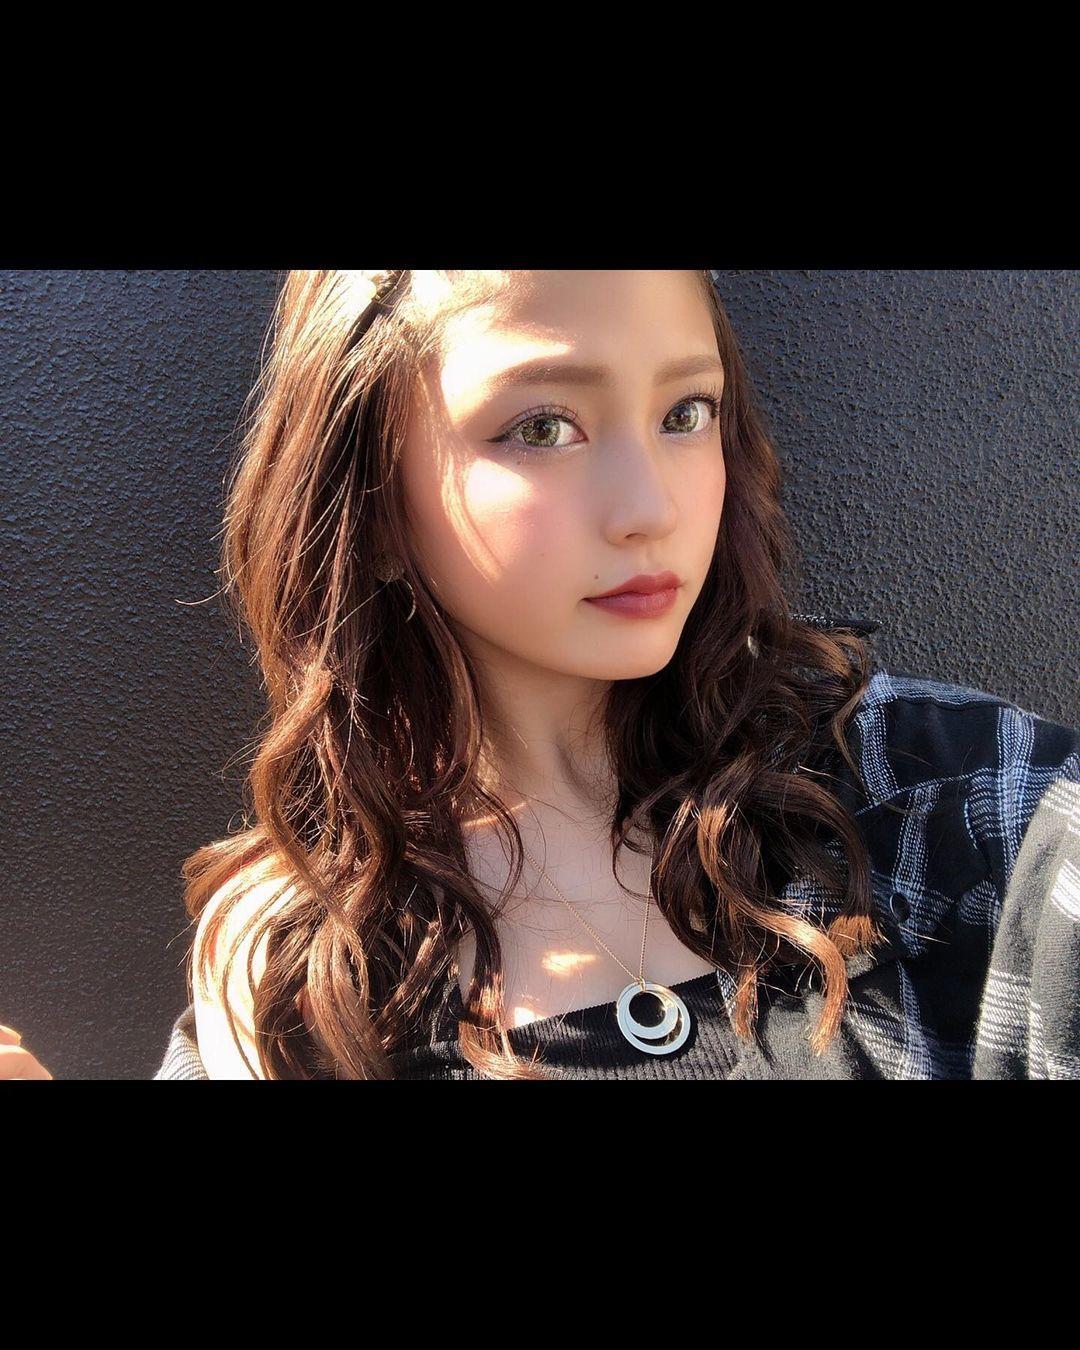 今年刚高中毕业 18 岁美少女樱井音乃身材整个无敌 网络美女 第4张